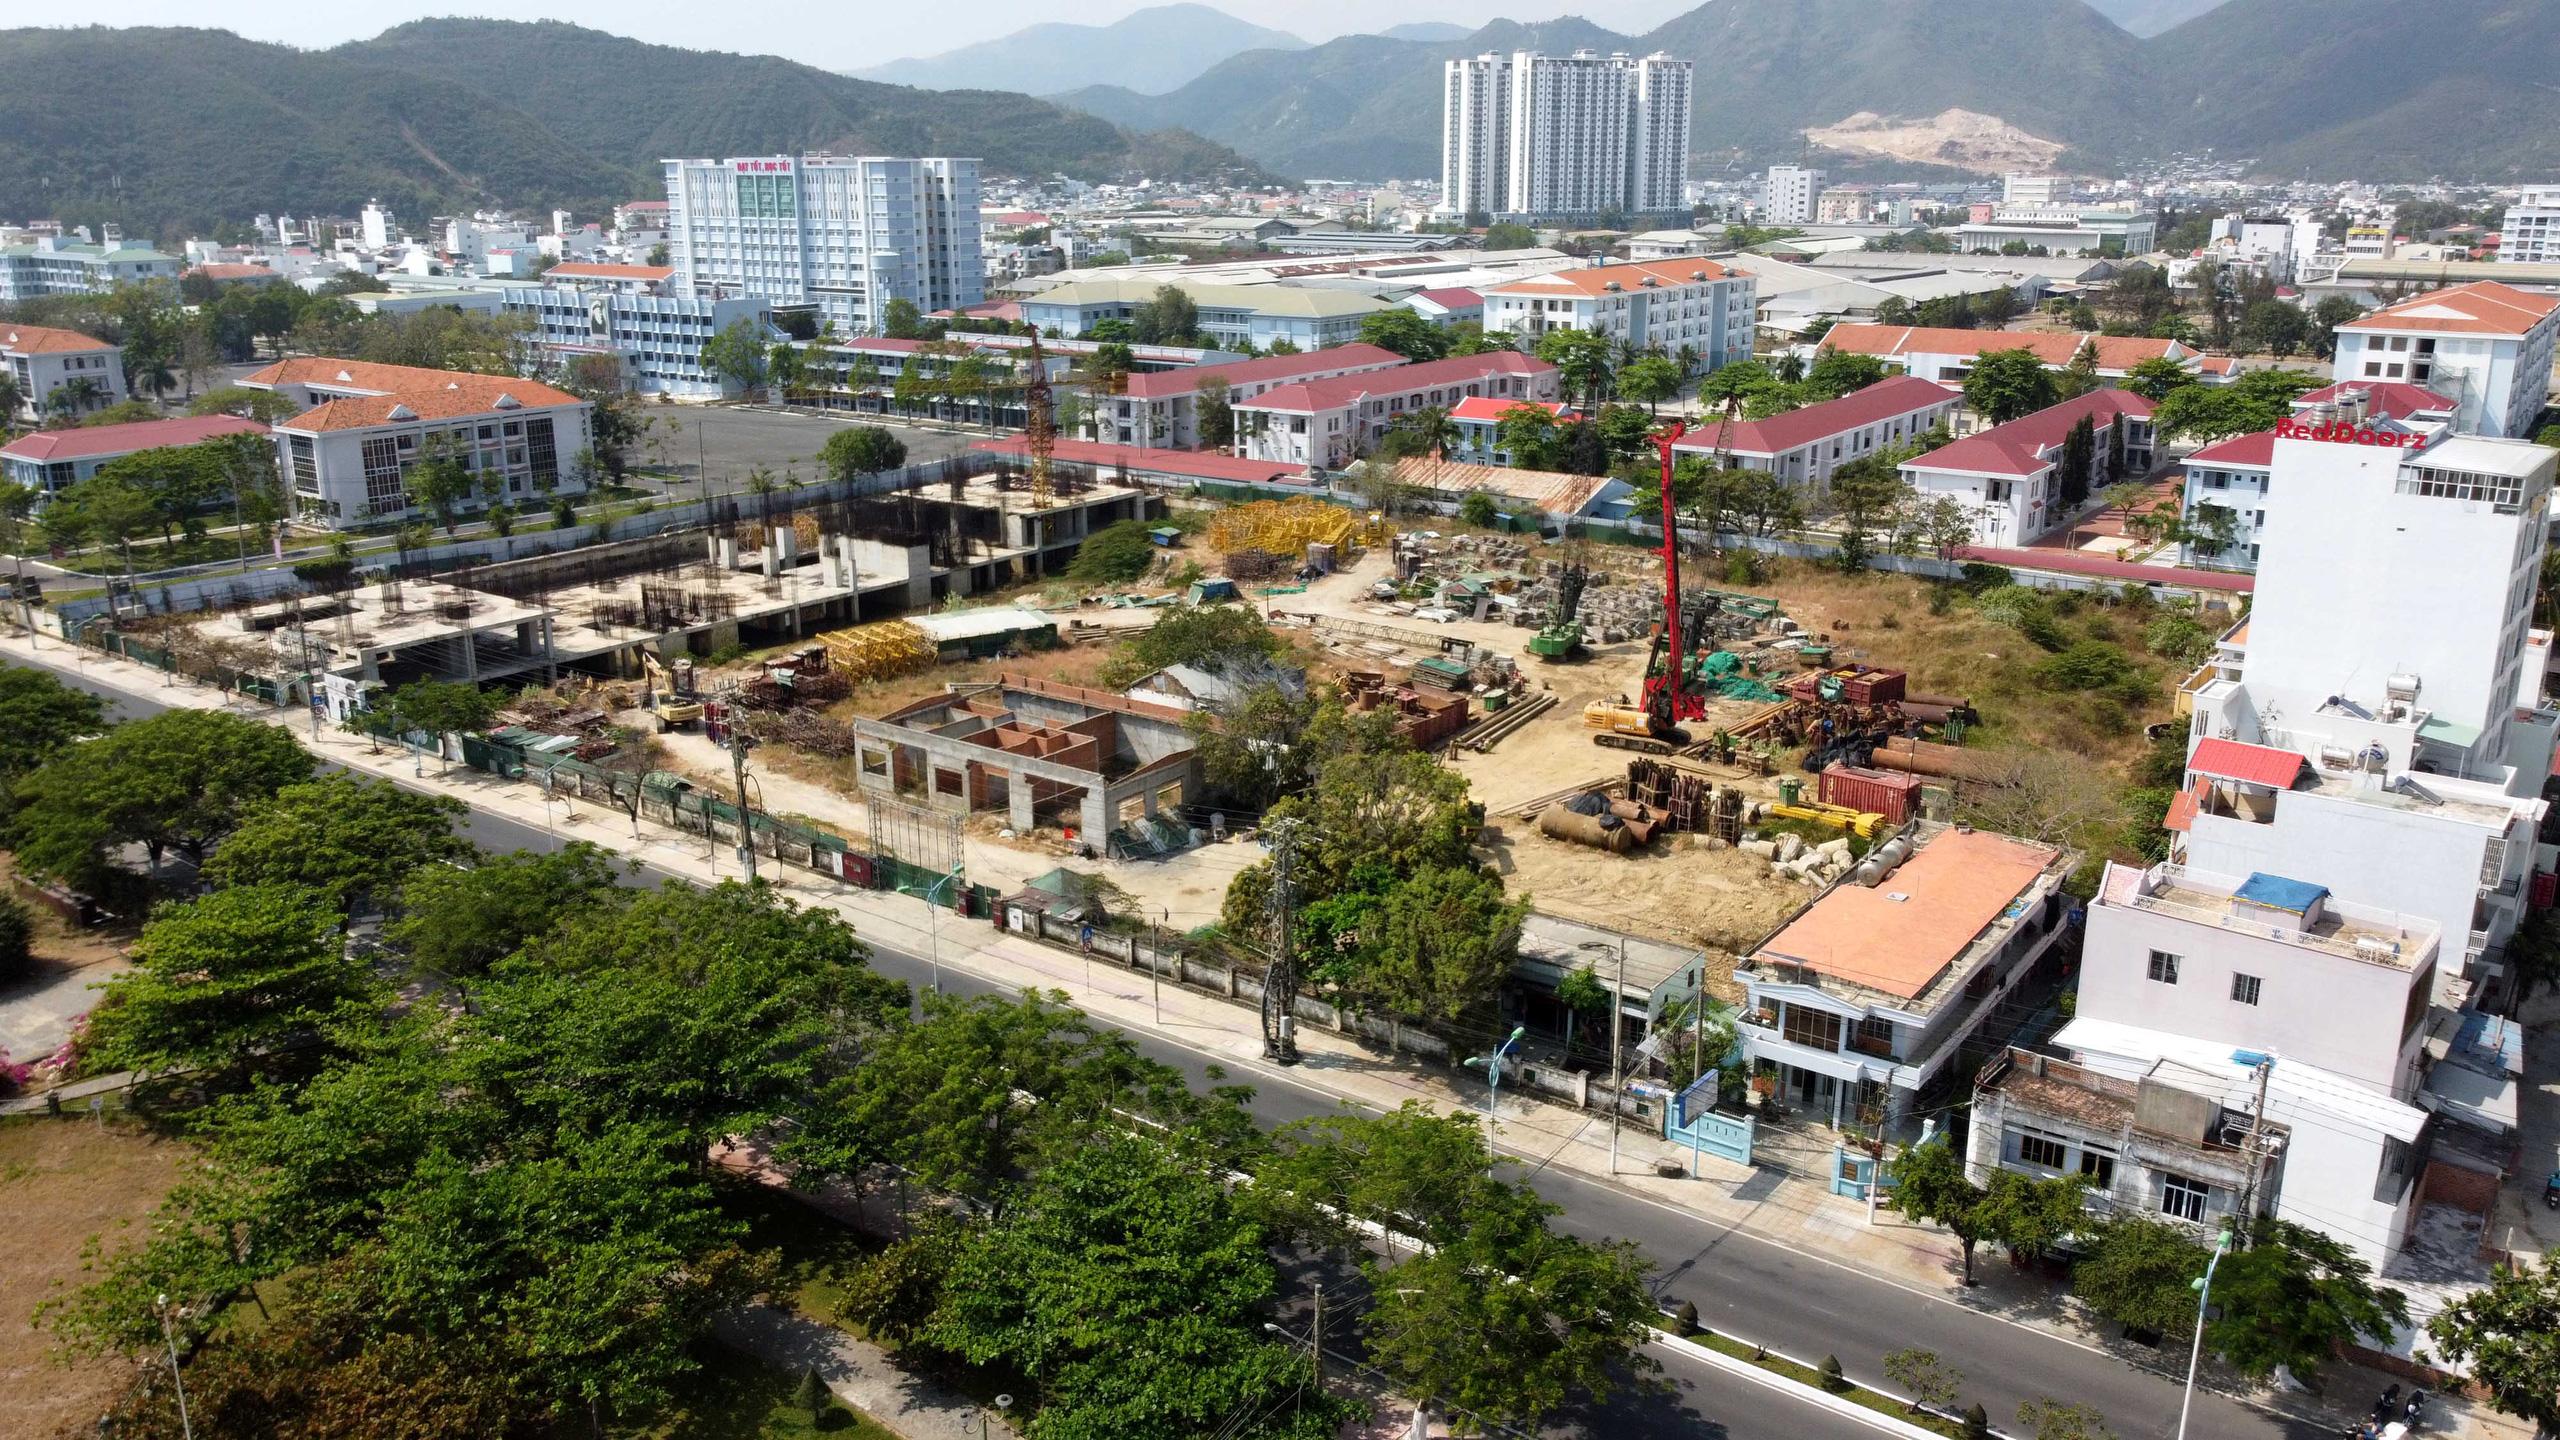 Thêm một khu đất vàng Nha Trang giao cho doanh nghiệp giá thấp - Ảnh 4.